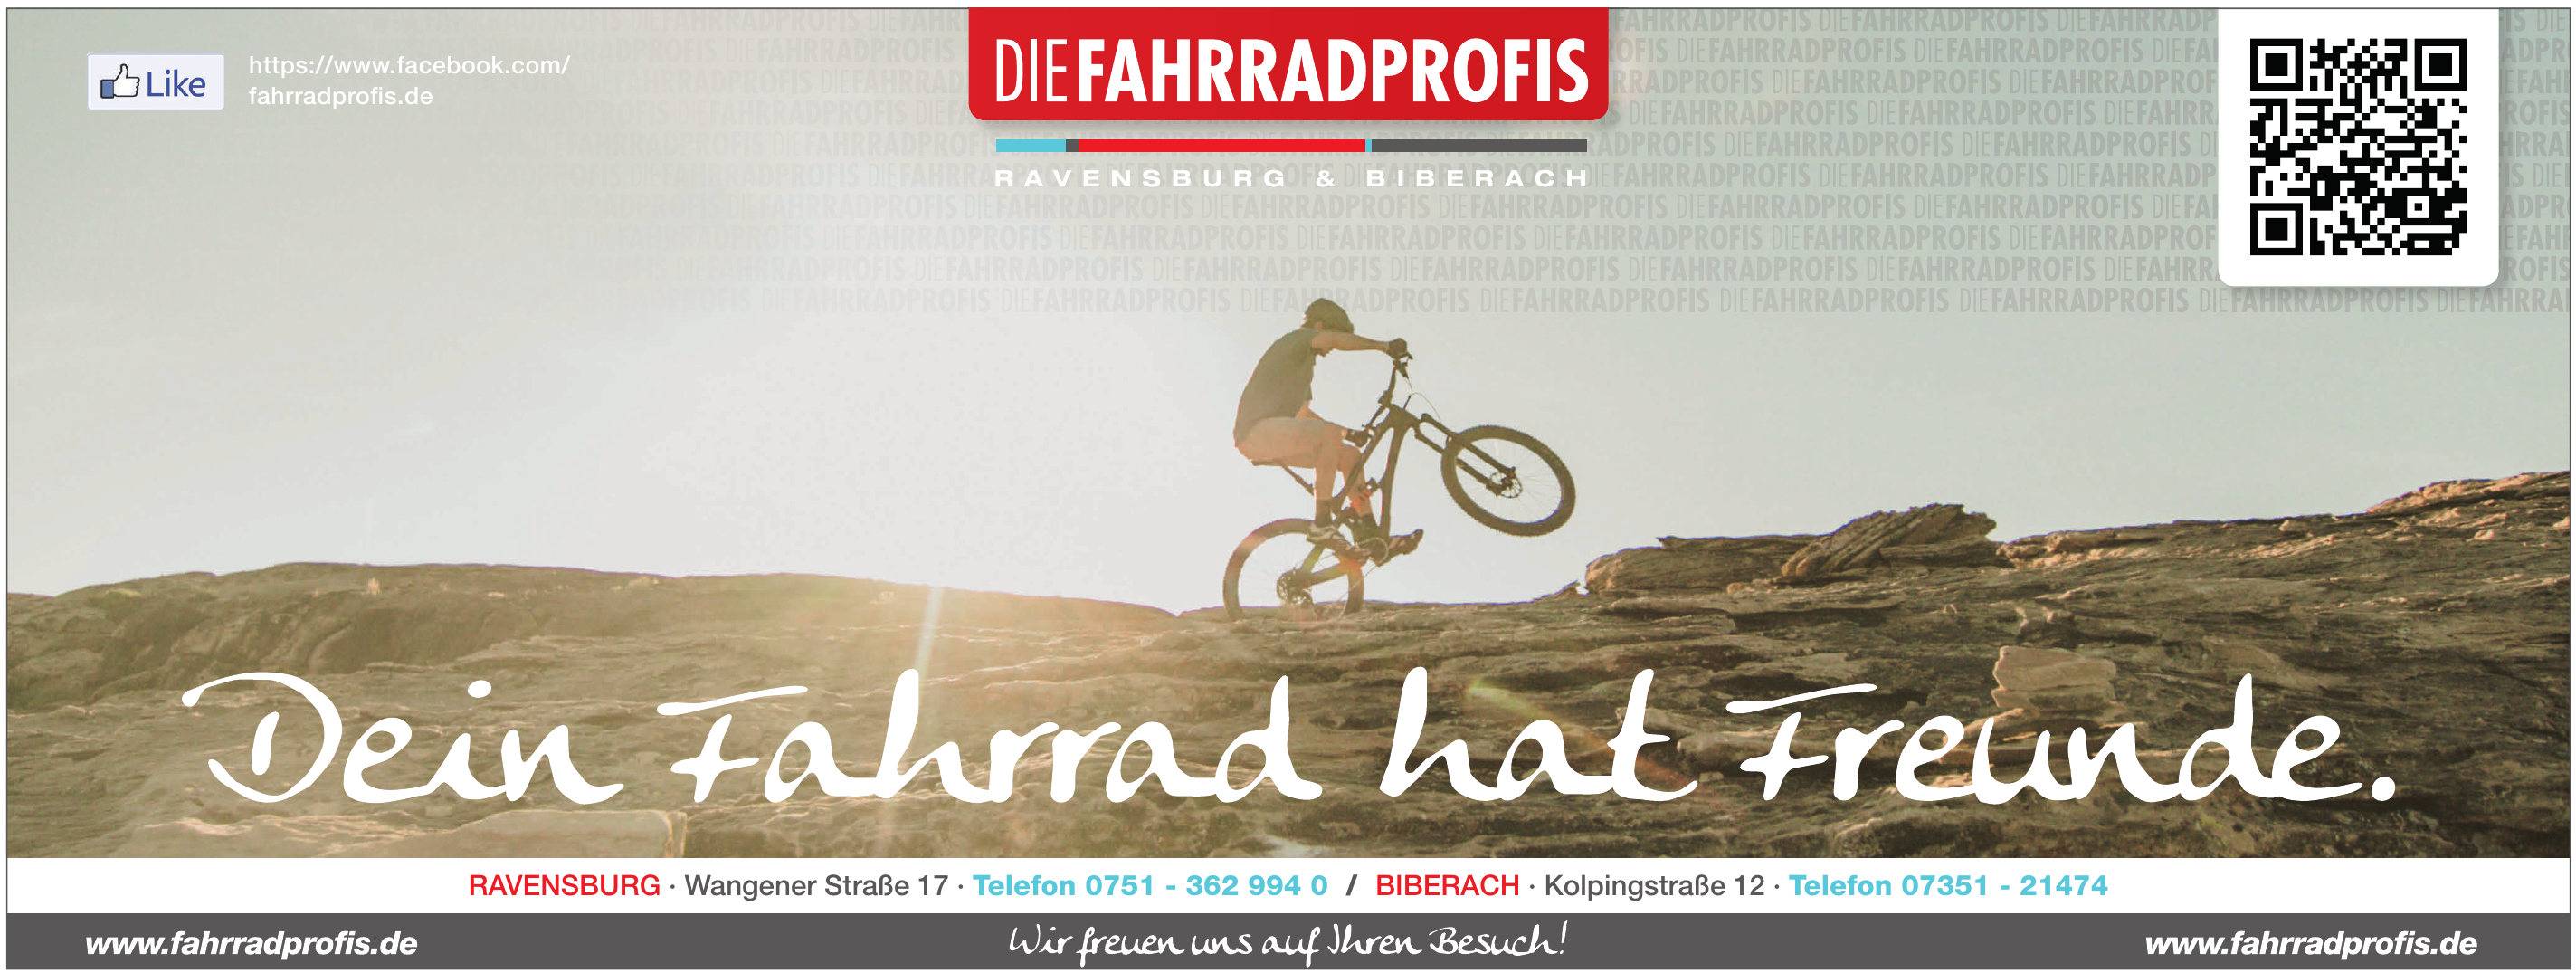 Die Fahradprofis